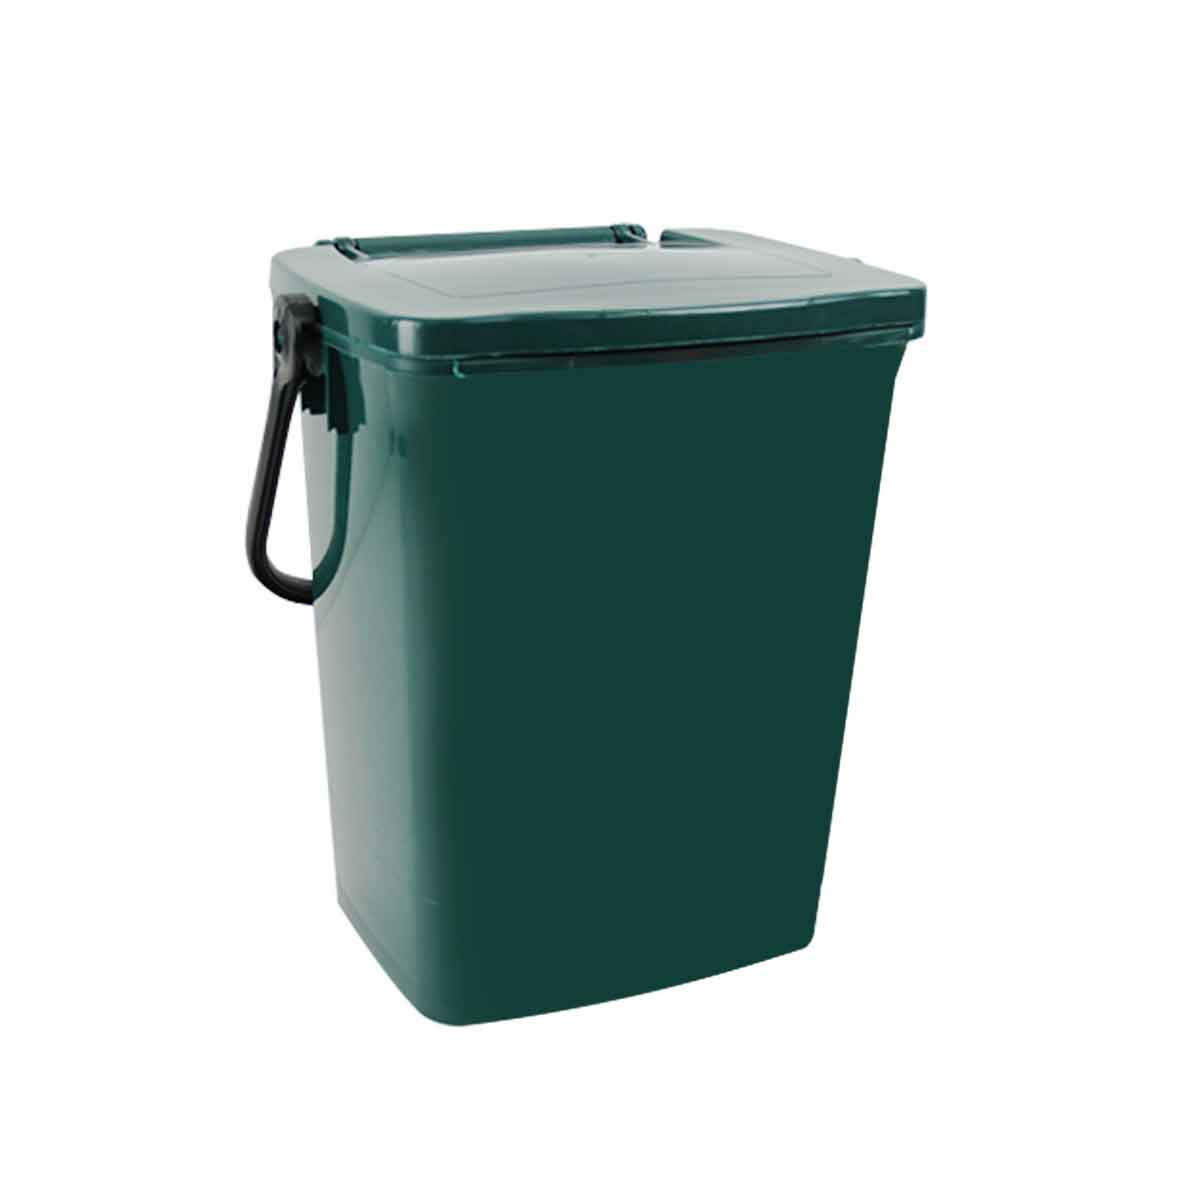 seau compost vert 7 litres. Black Bedroom Furniture Sets. Home Design Ideas